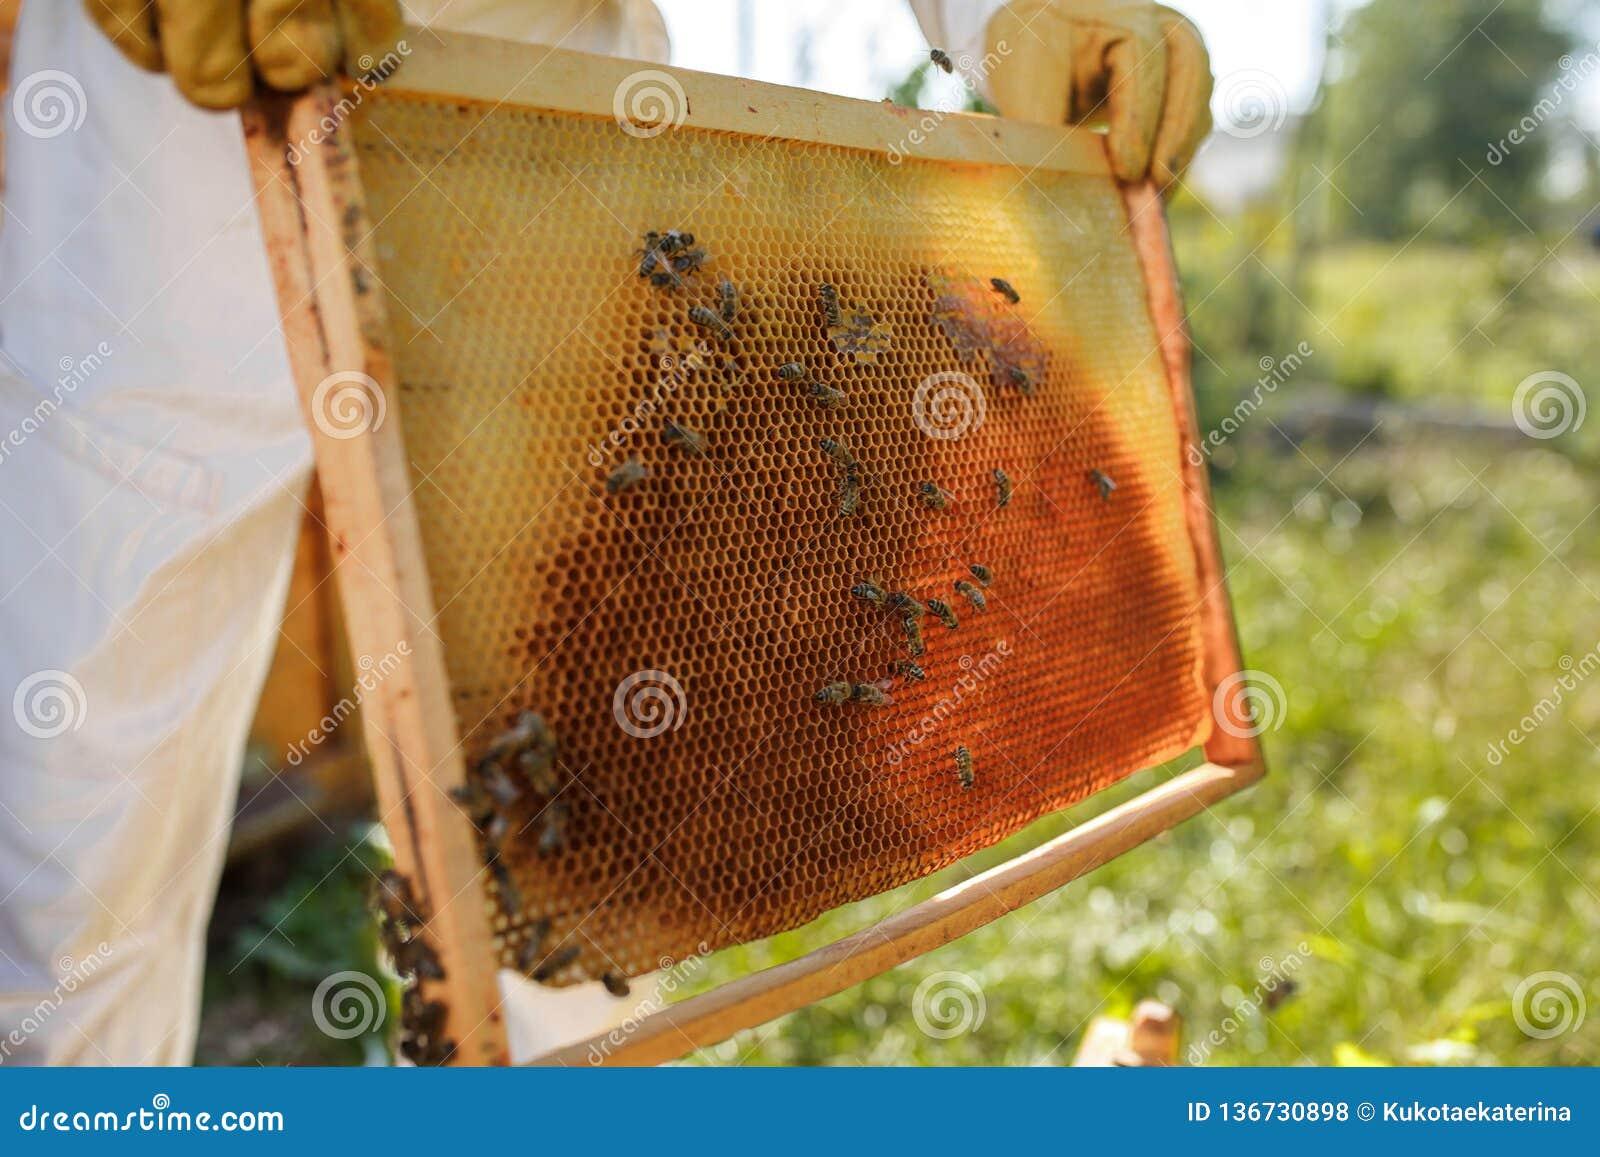 蜂农的特写镜头手拿着与蜂窝的木制框架 收集蜂蜜 养蜂业概念